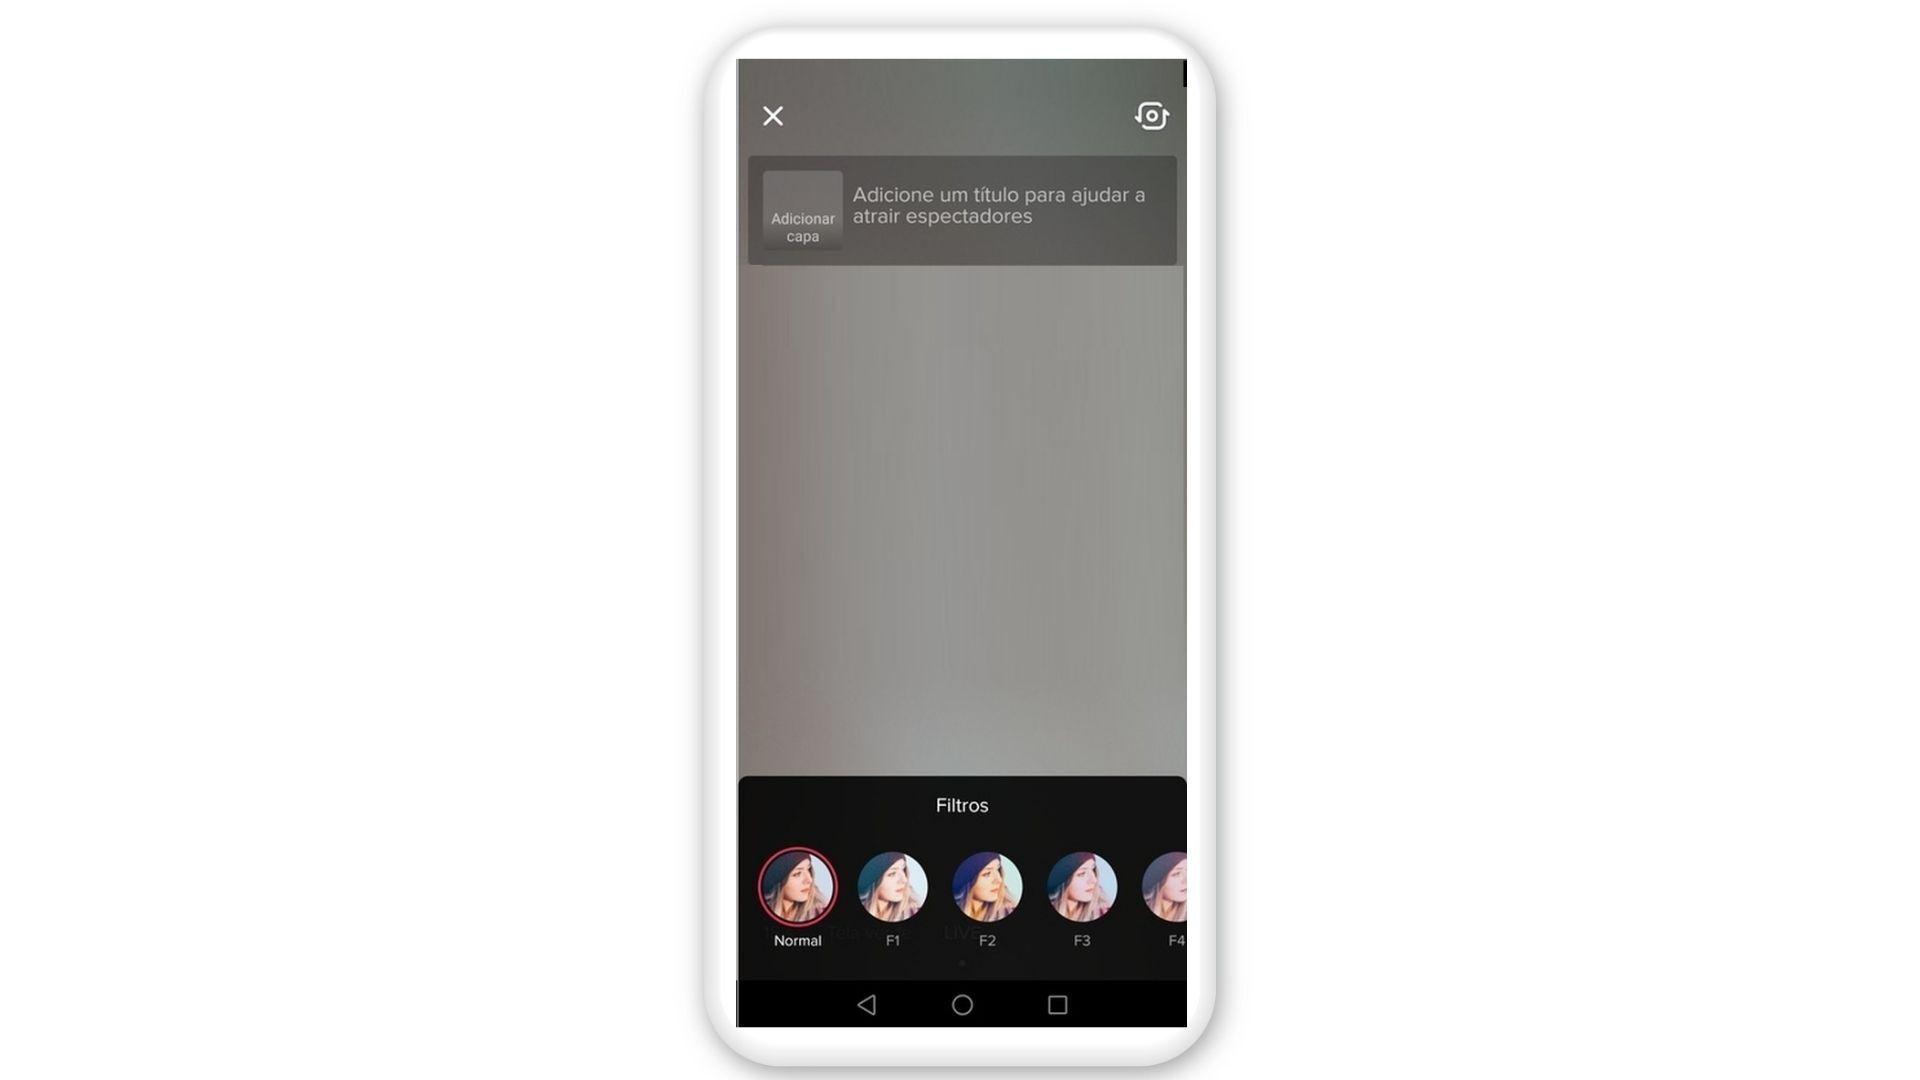 Recurso de Live no TikTok permite filtros (Foto: Reprodução/Zoom)